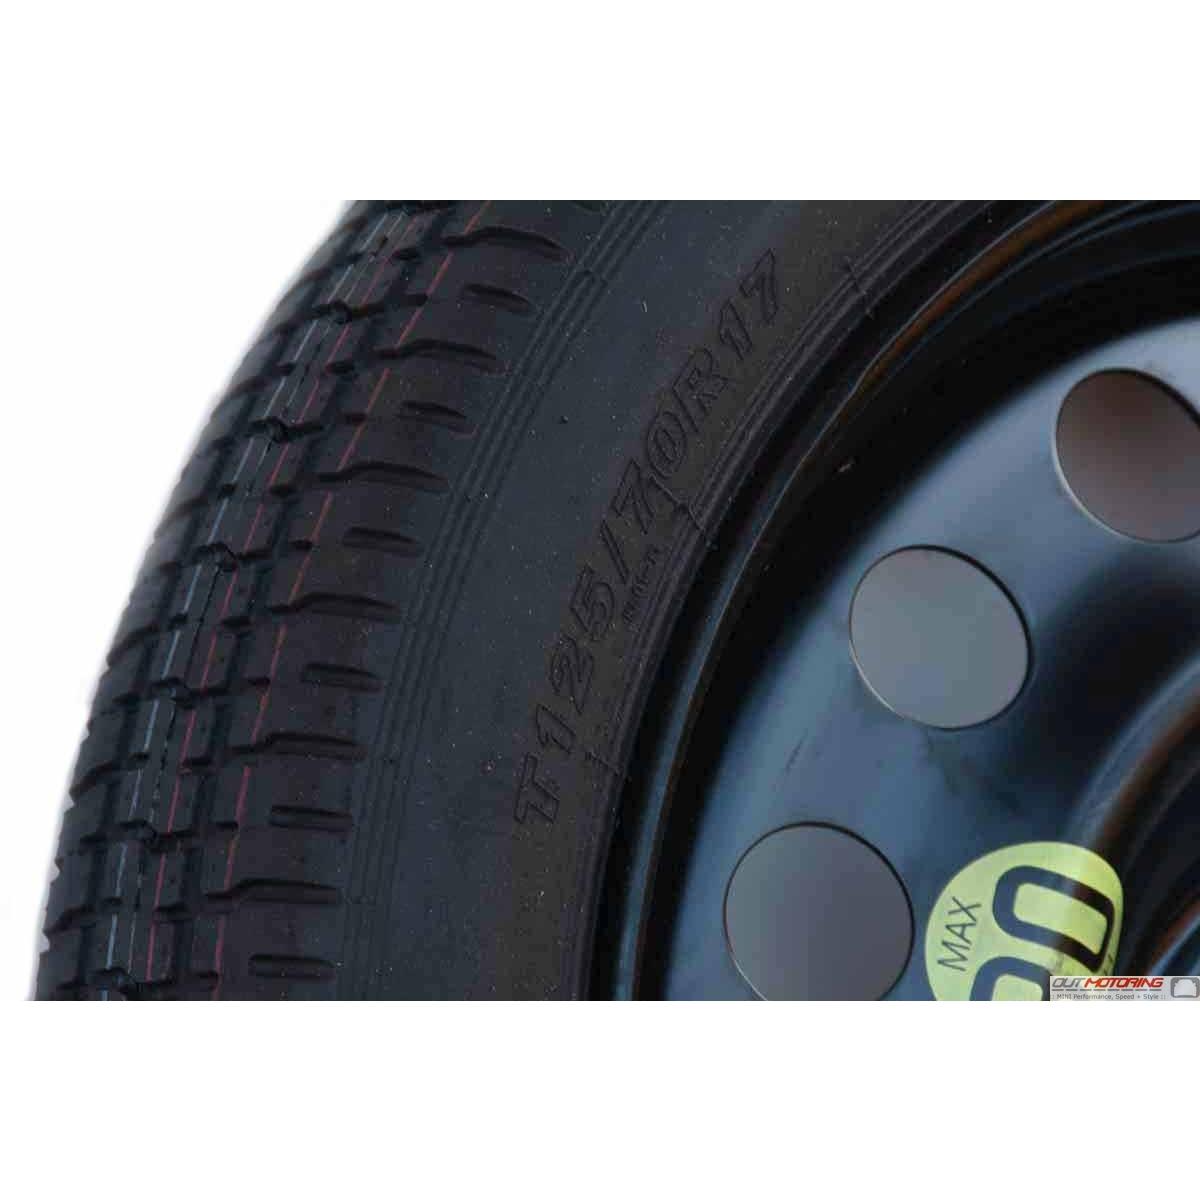 Aston Martin V8 Vantage For Sale >> MINI Cooper Micro Space Saver Spare Tire + Wheel Combo - MINI Cooper Accessories + MINI Cooper Parts